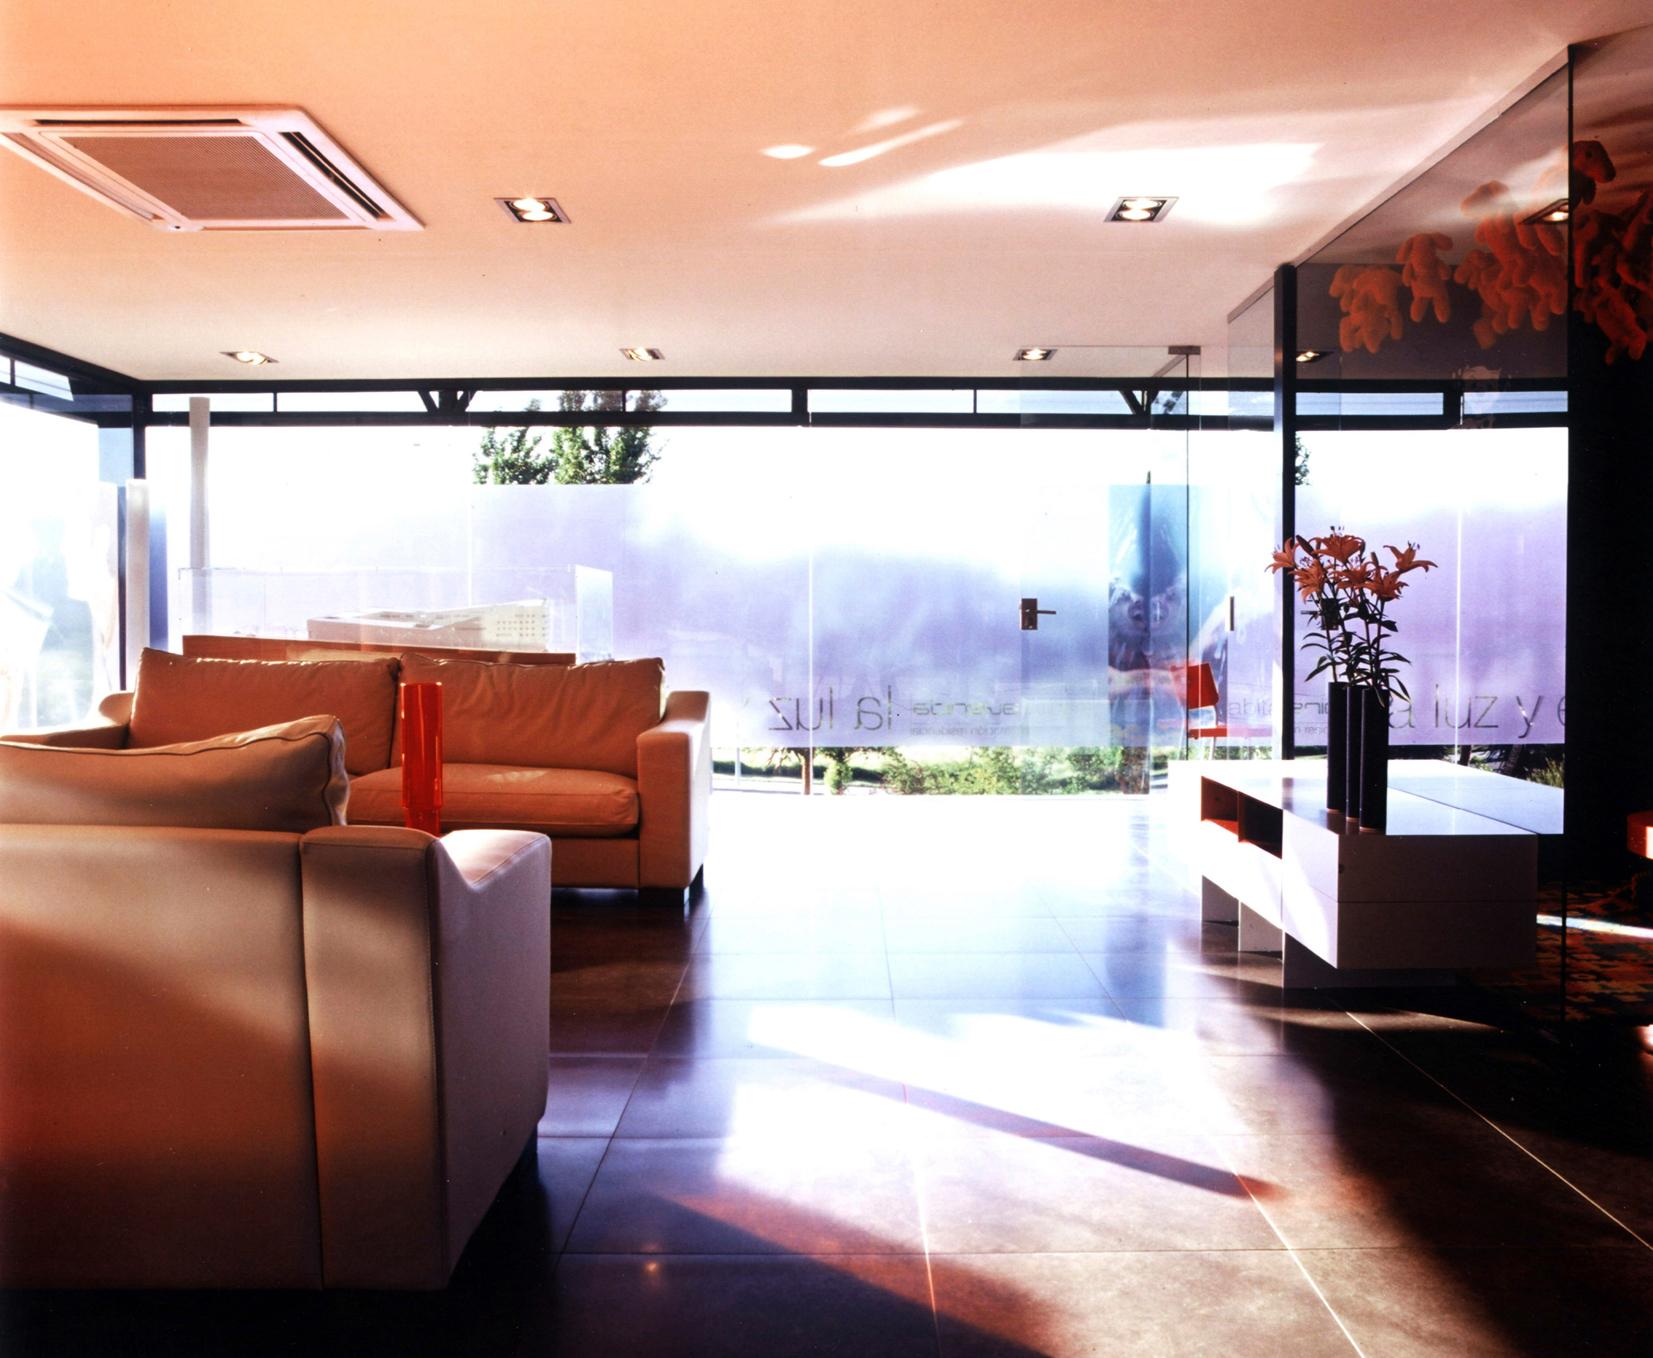 05_habitat interior_estudicastro